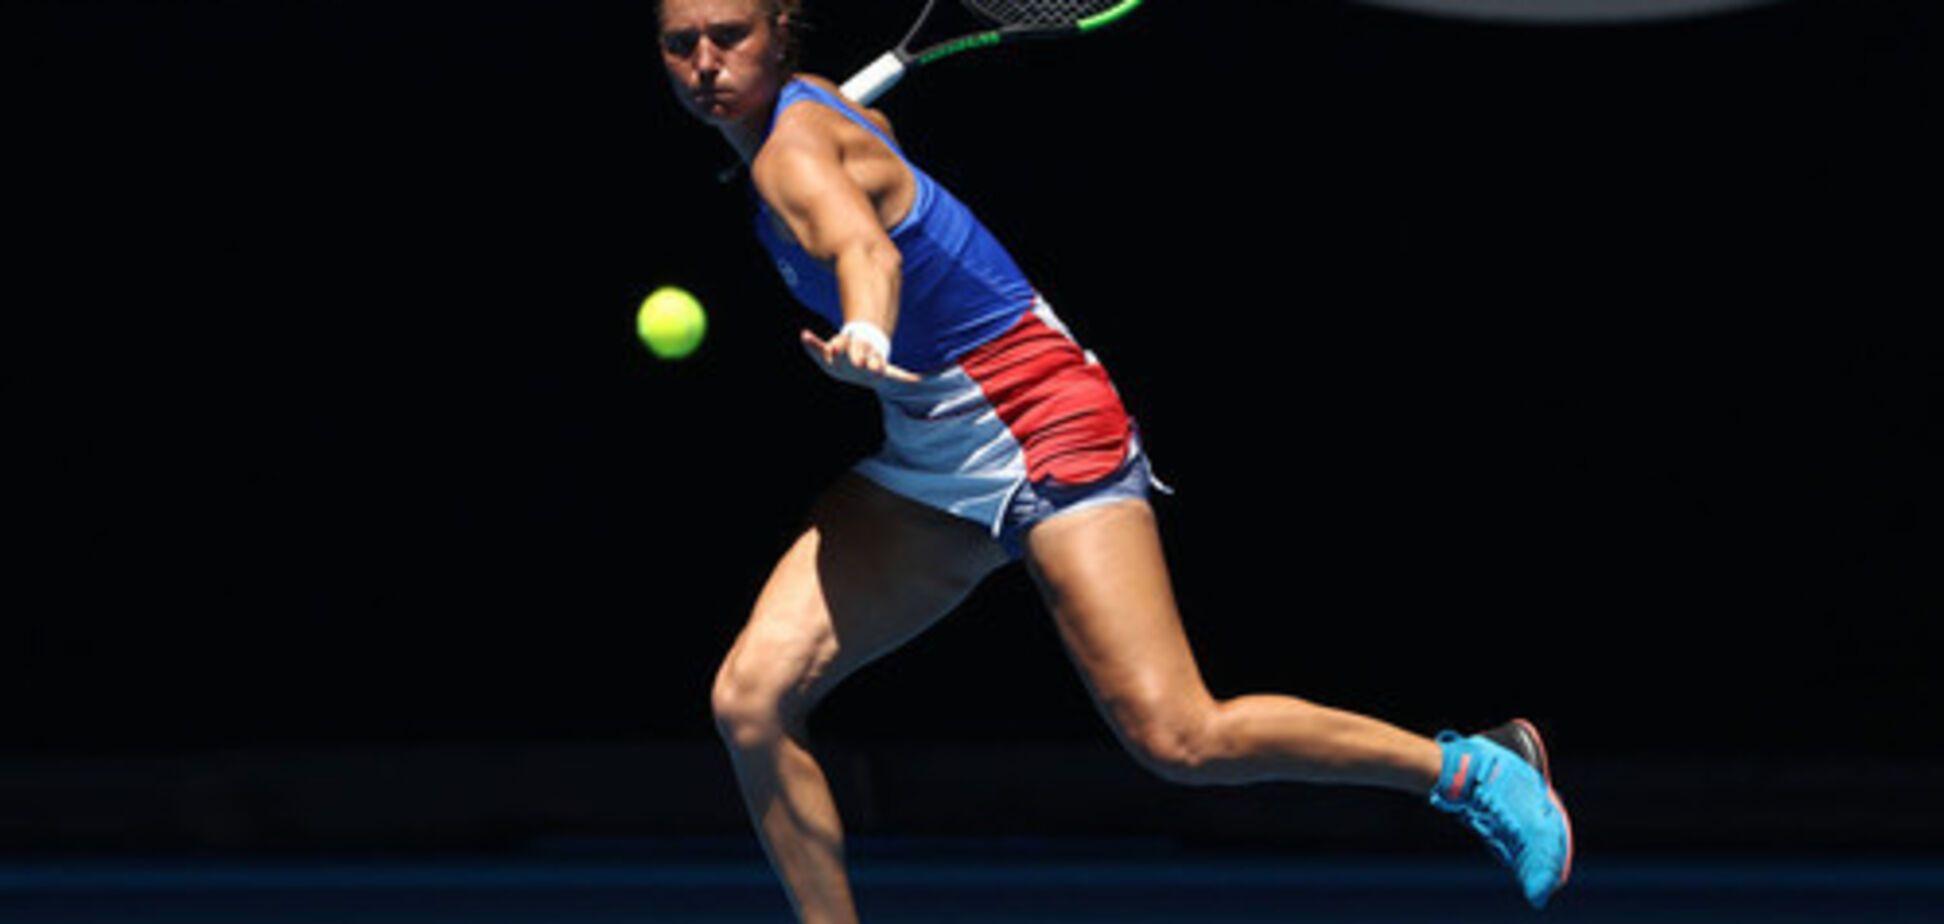 Українська тенісистка здобула вольову перемогу над росіянкою у США